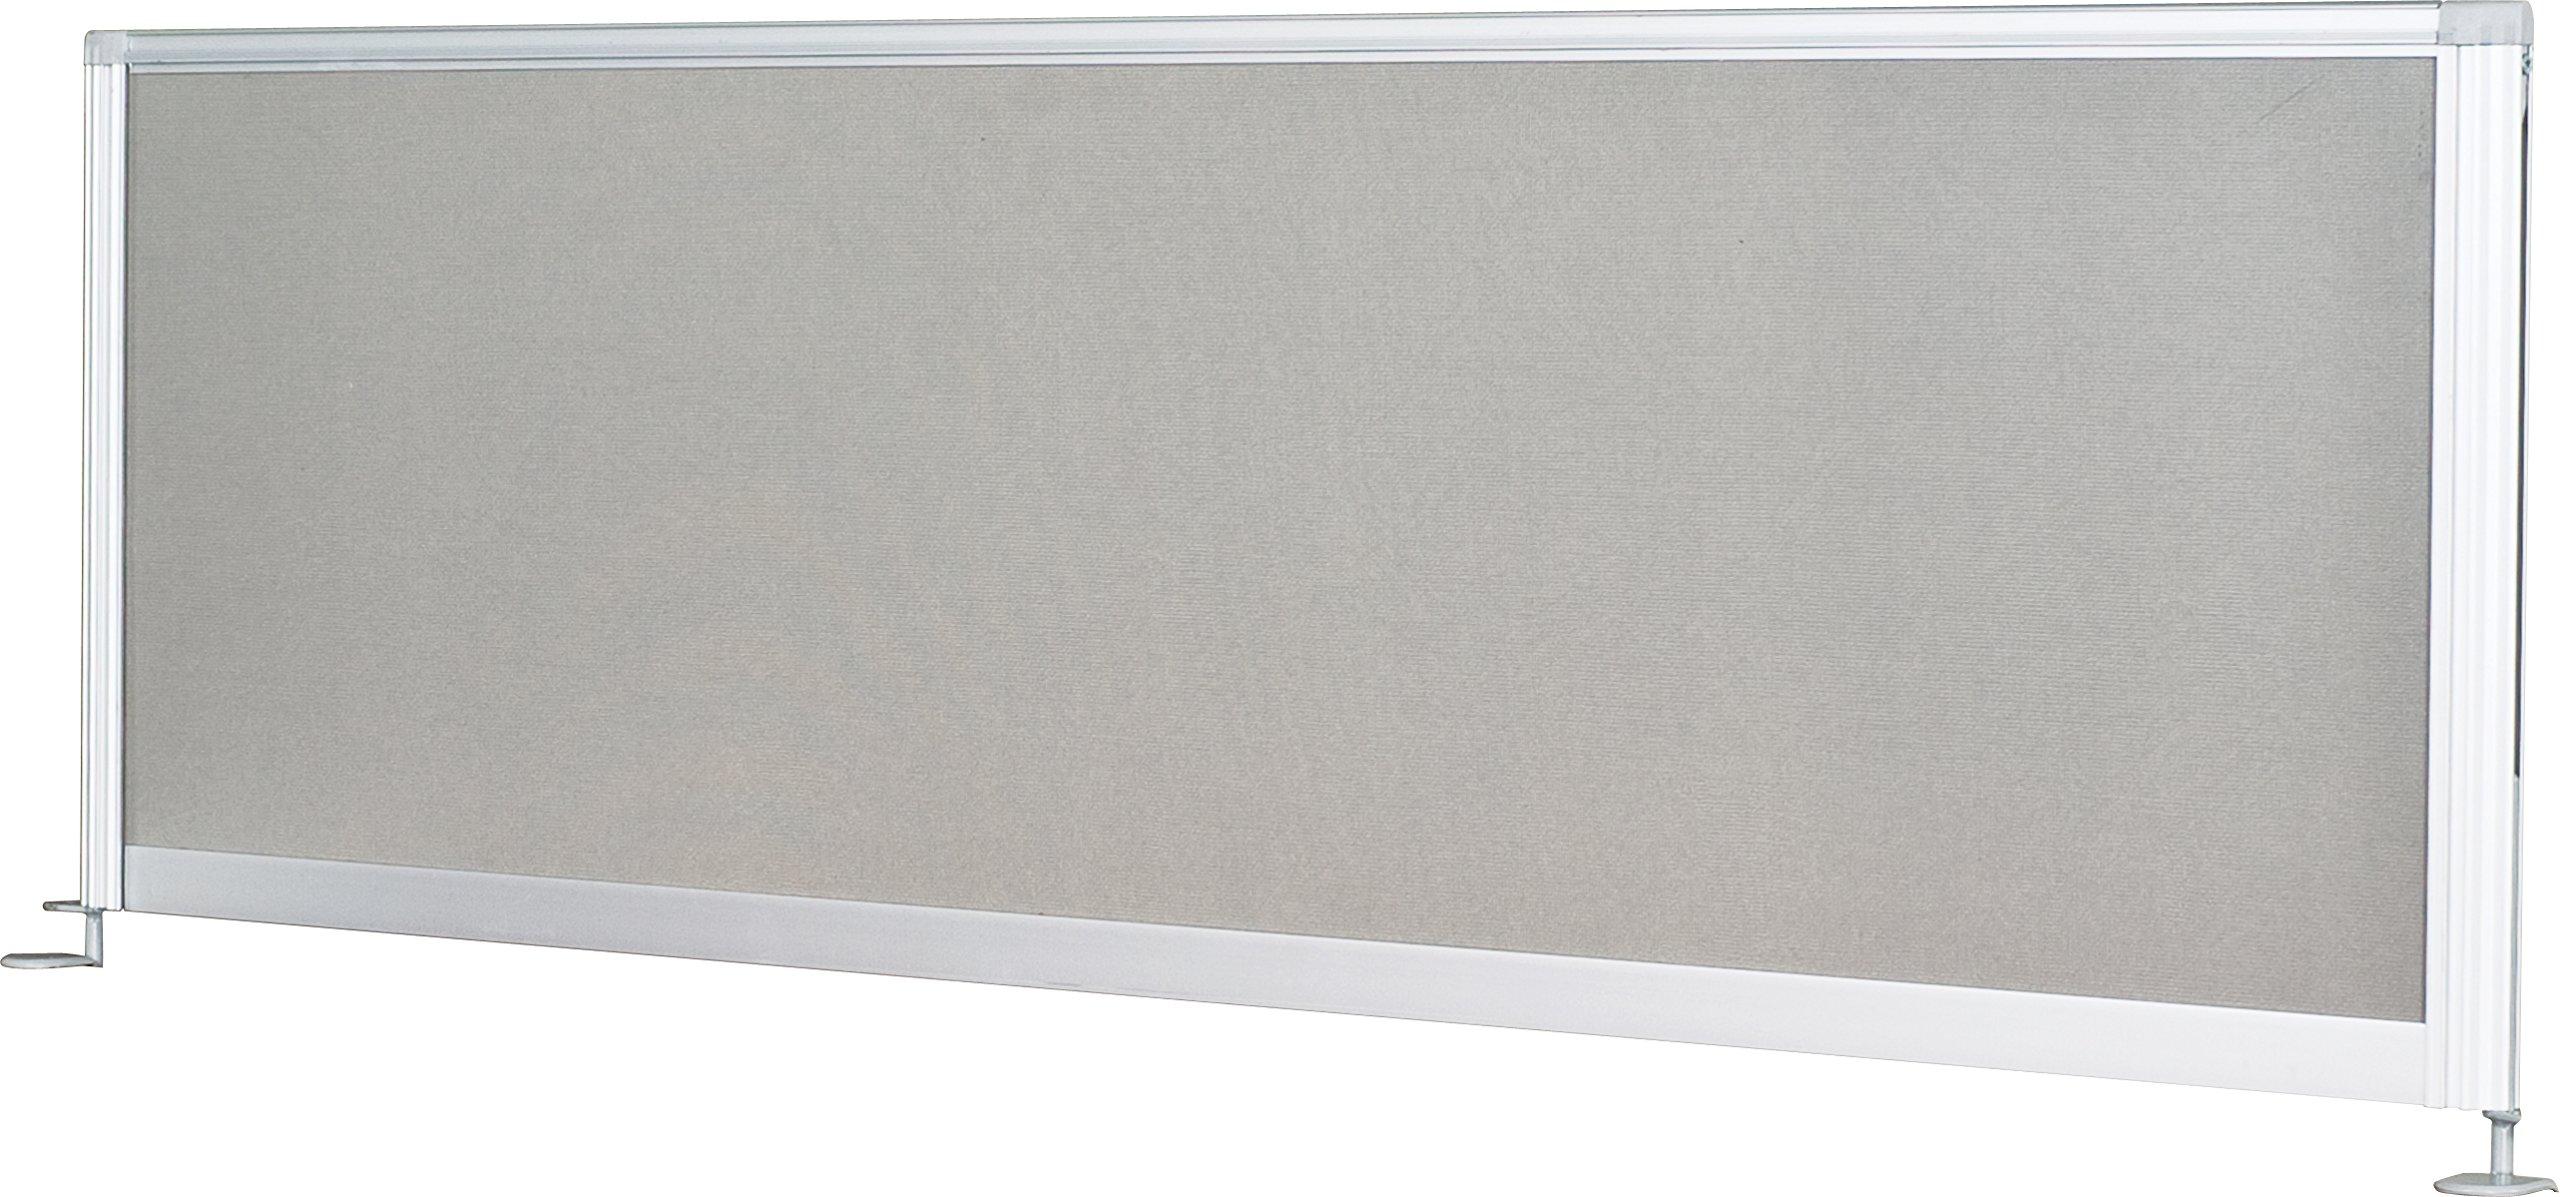 Balt iFlex Desktop Privacy Panels, Full Length, 17''H x 49''W x 1''D (90062)